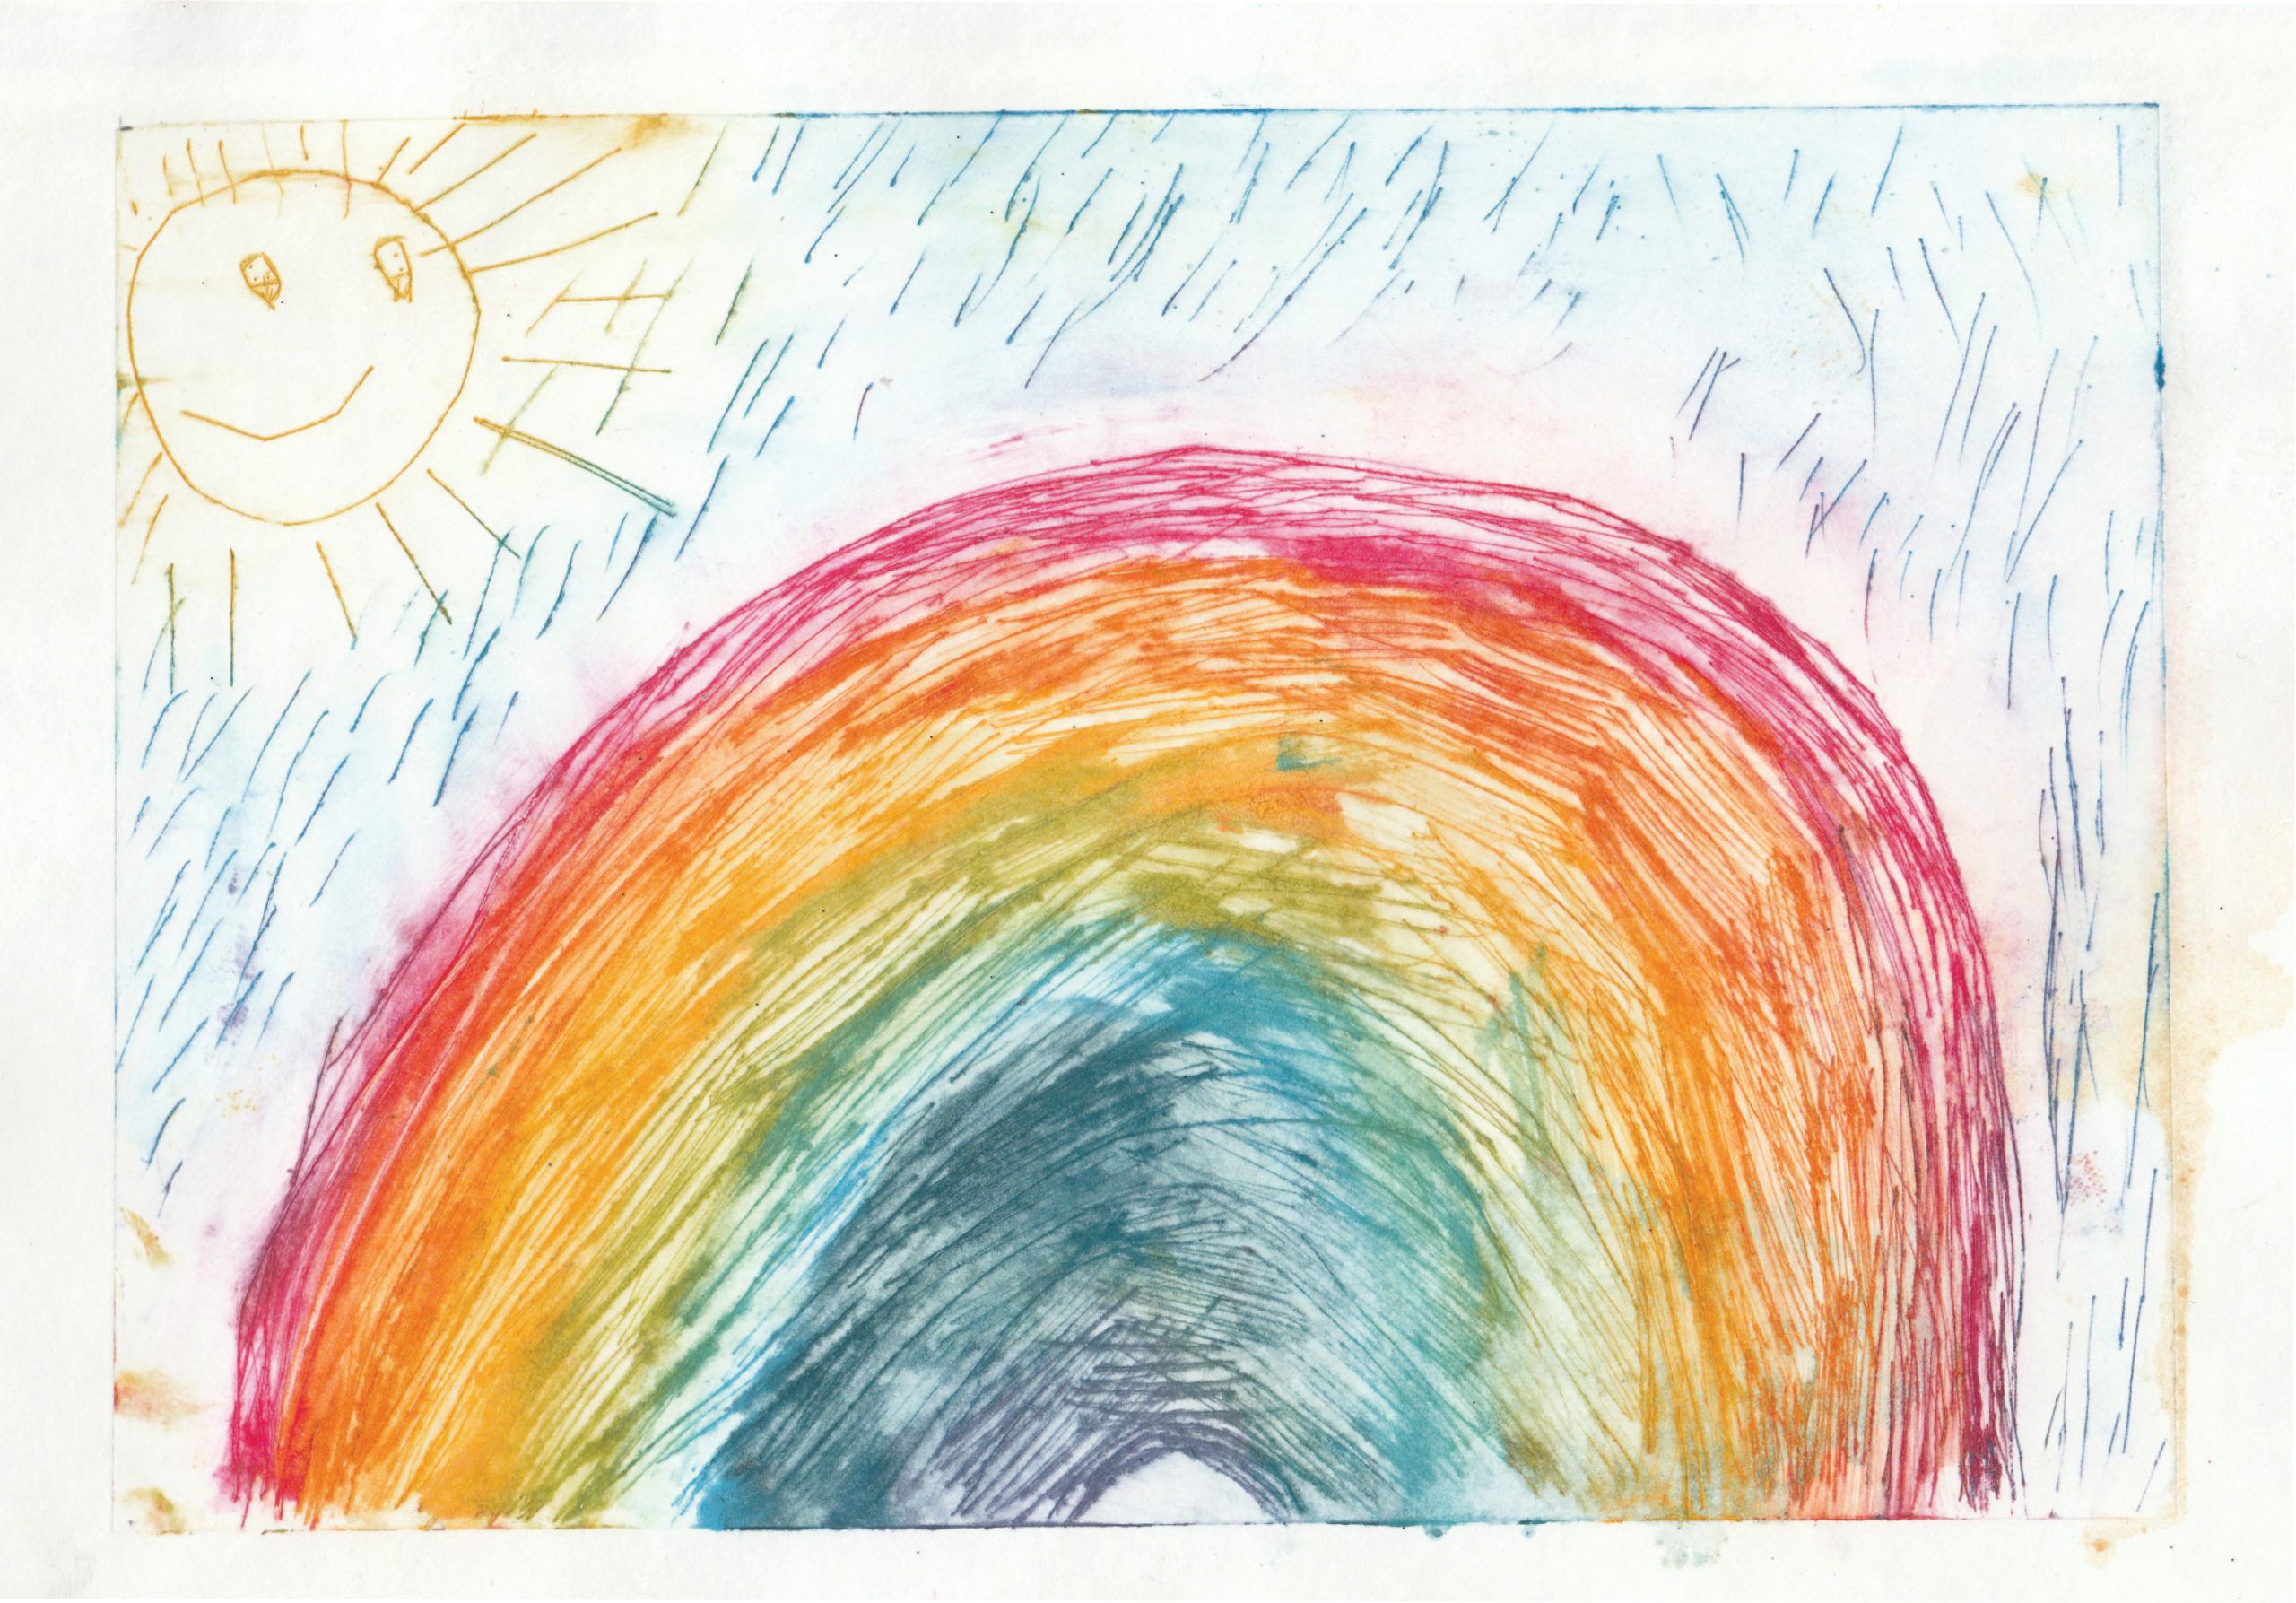 Zīmējumā ir attēlota varavīksne, saule un lietus. Zīmējums ir krāsains.